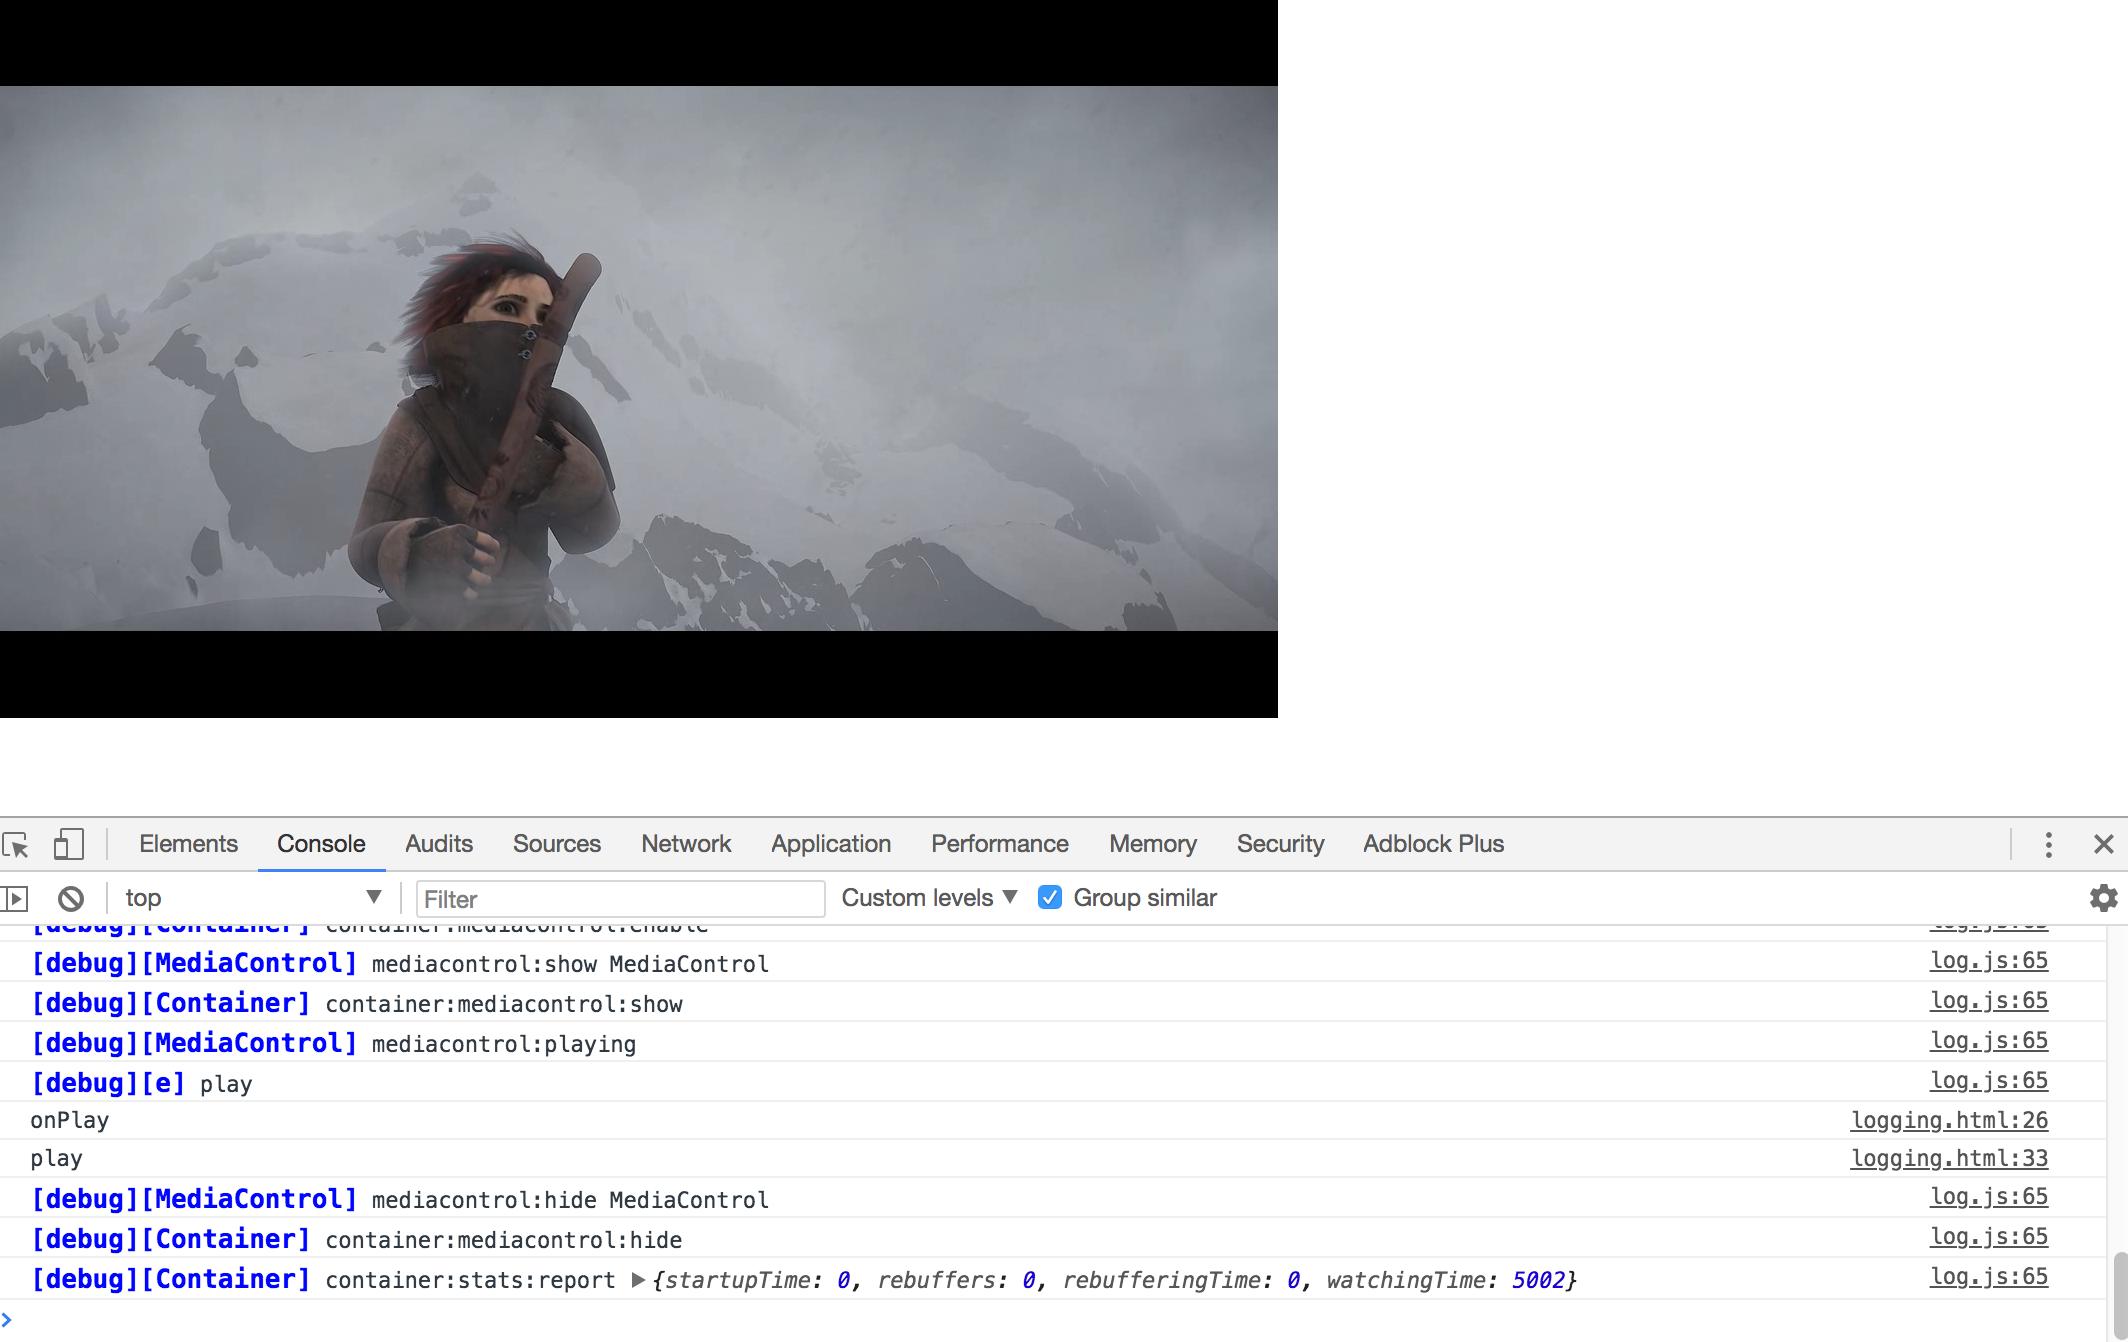 Screen Shot 2018-03-02 at 16.47.51.png